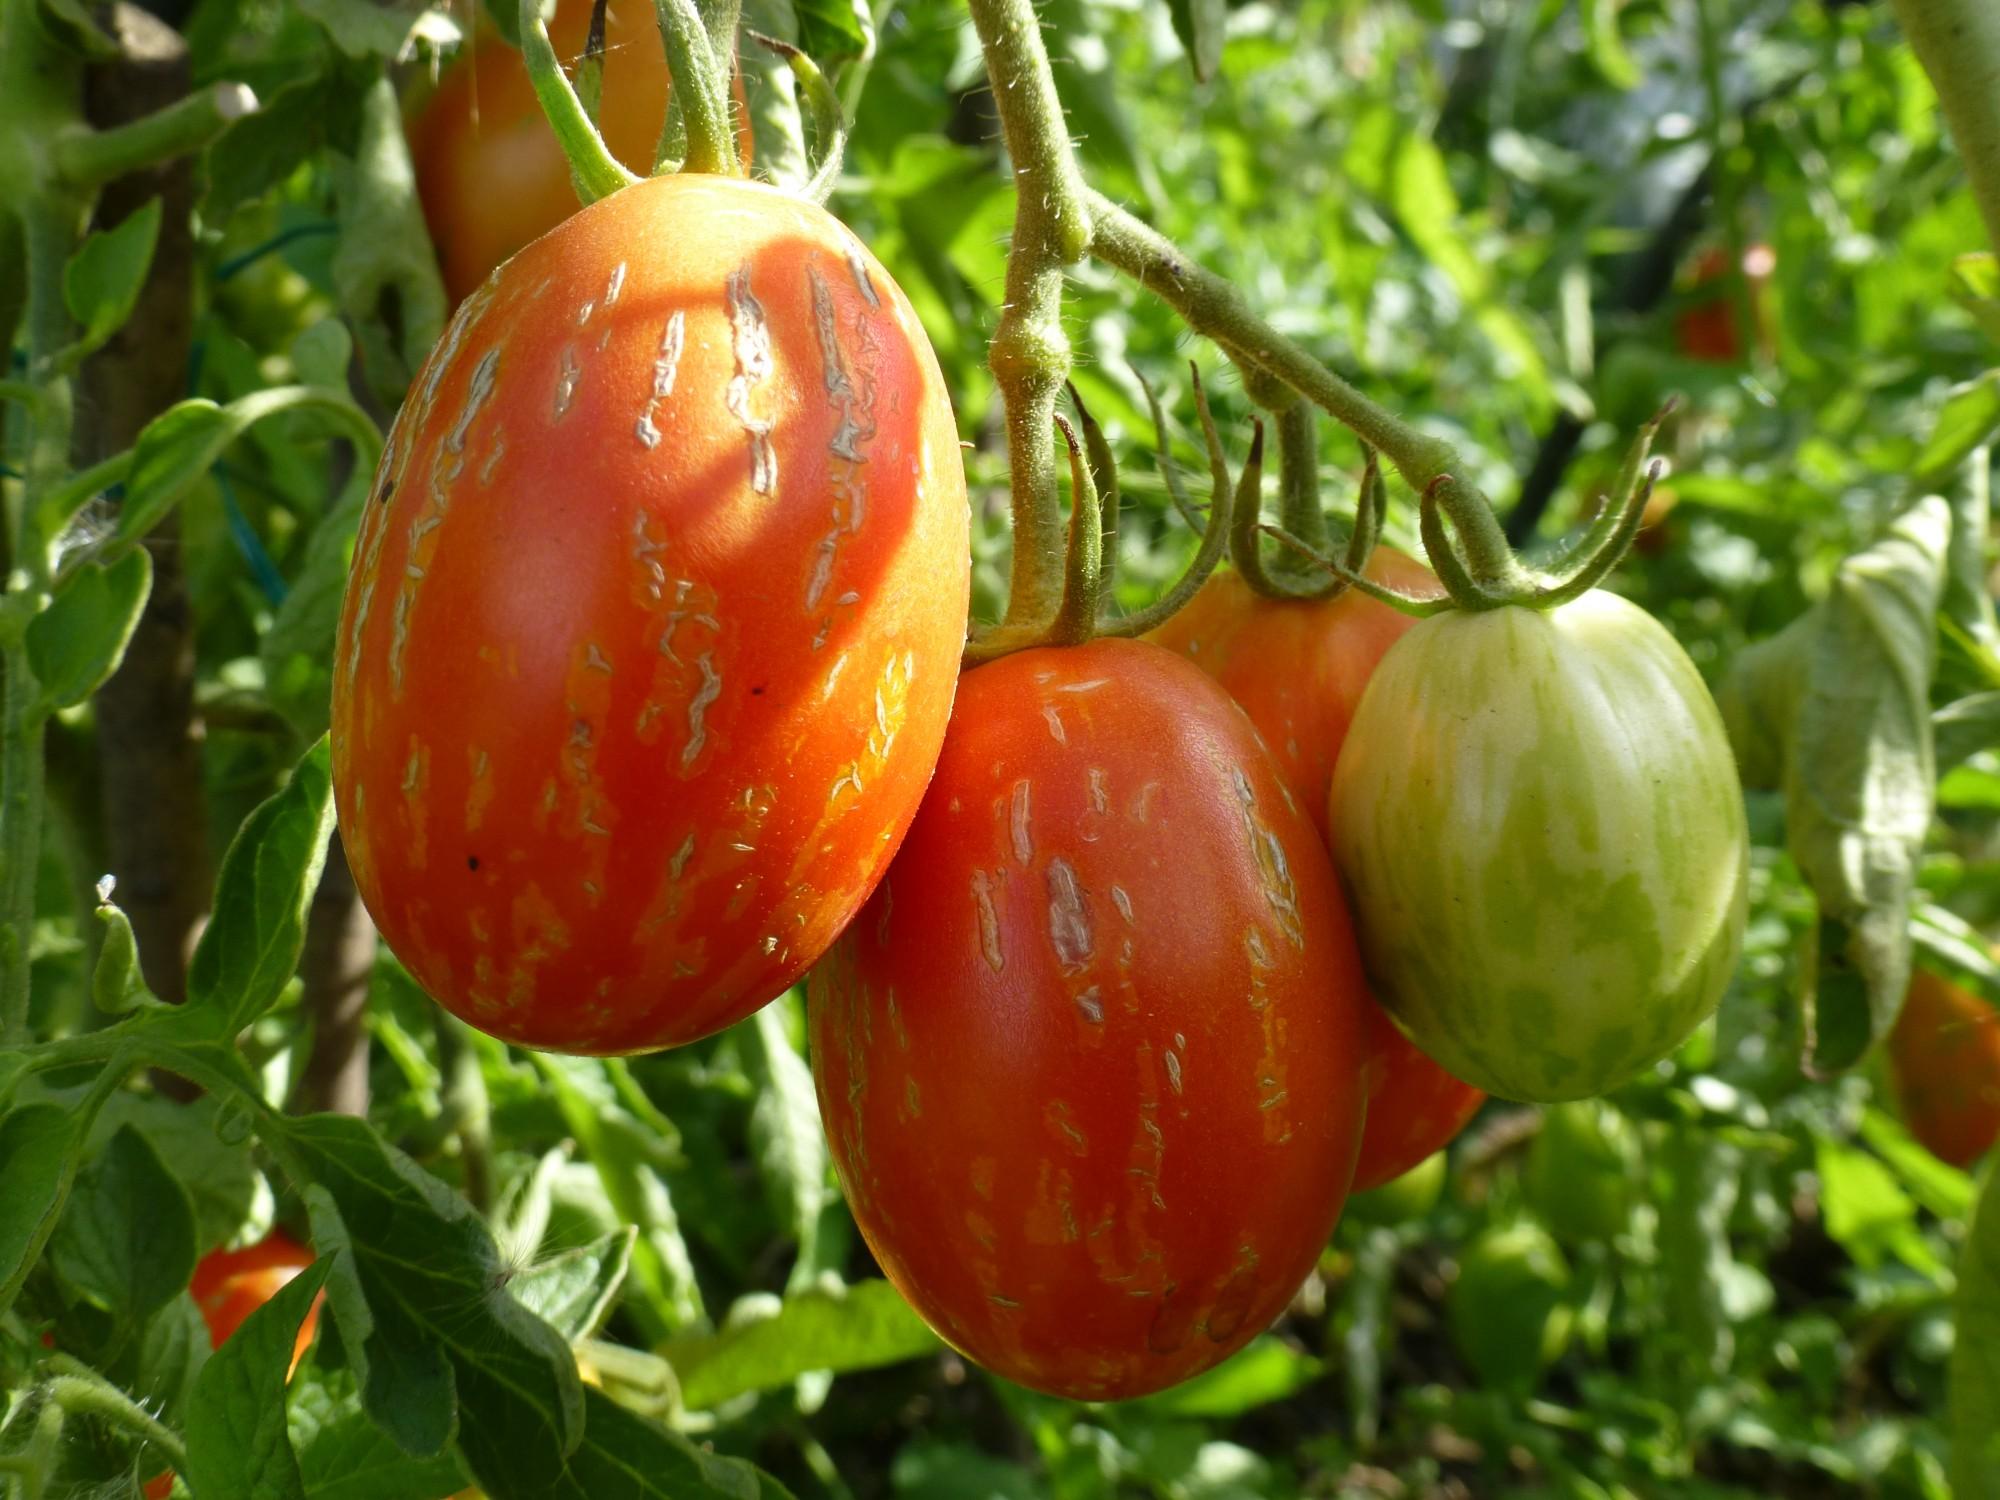 Томат пасхальное яйцо: описание, особенности выращивания, фото - о цветах